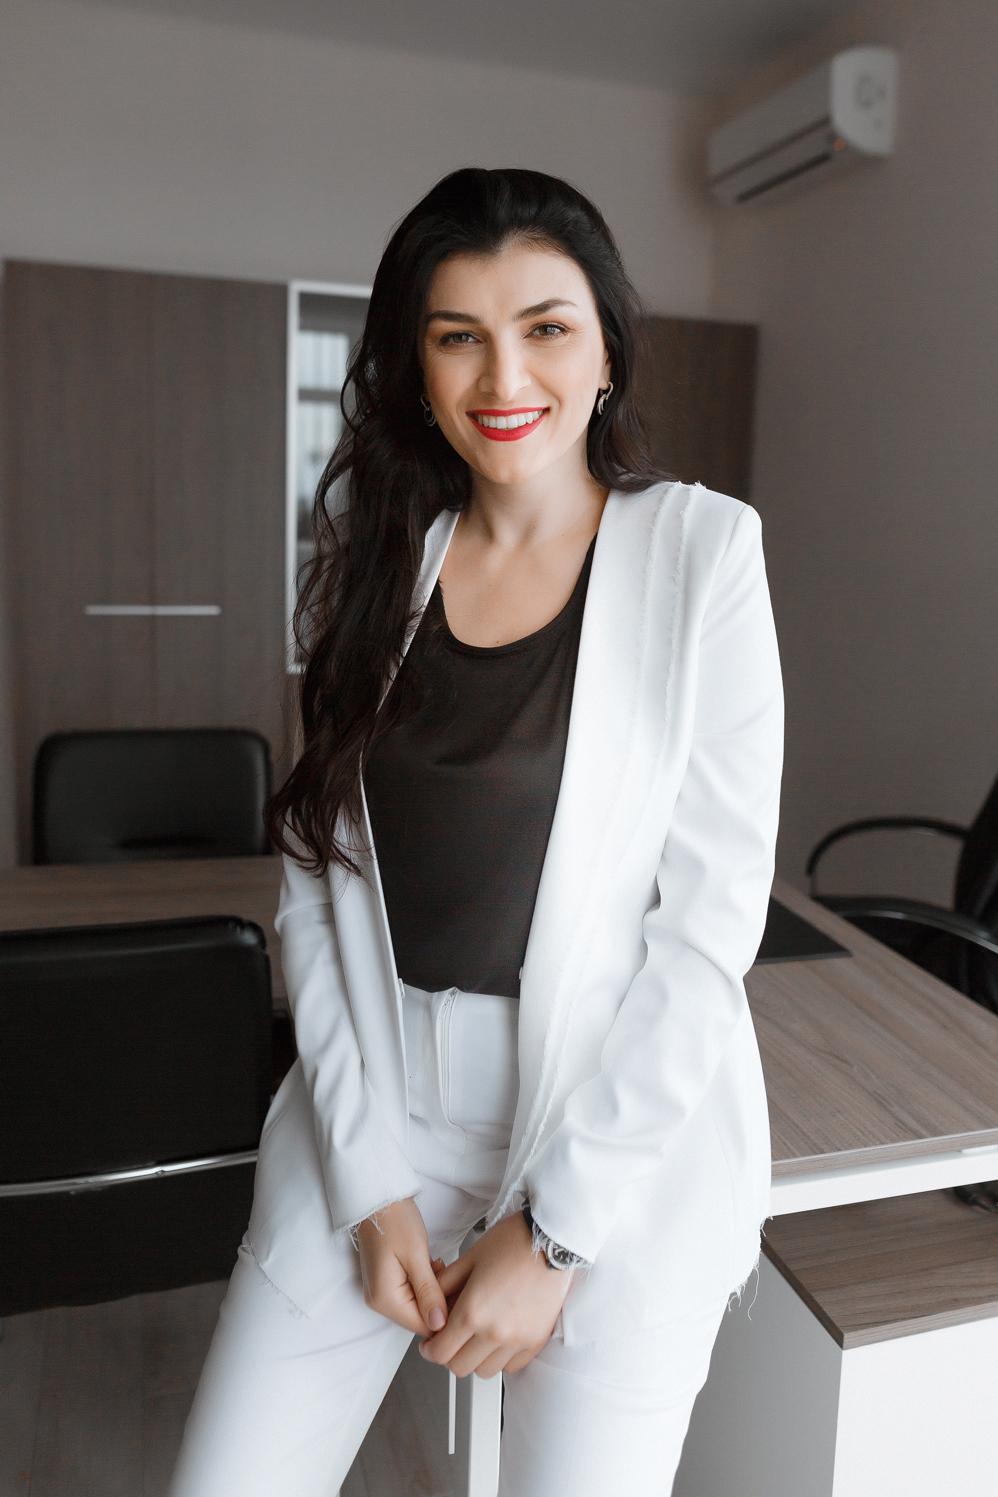 ОБЩЕСТВЕННЫЙ СТРОЙ: строитель Виктория Галицкая о душевном городе, статуе любви и о том, почему в Дубае на стройках не работают местные